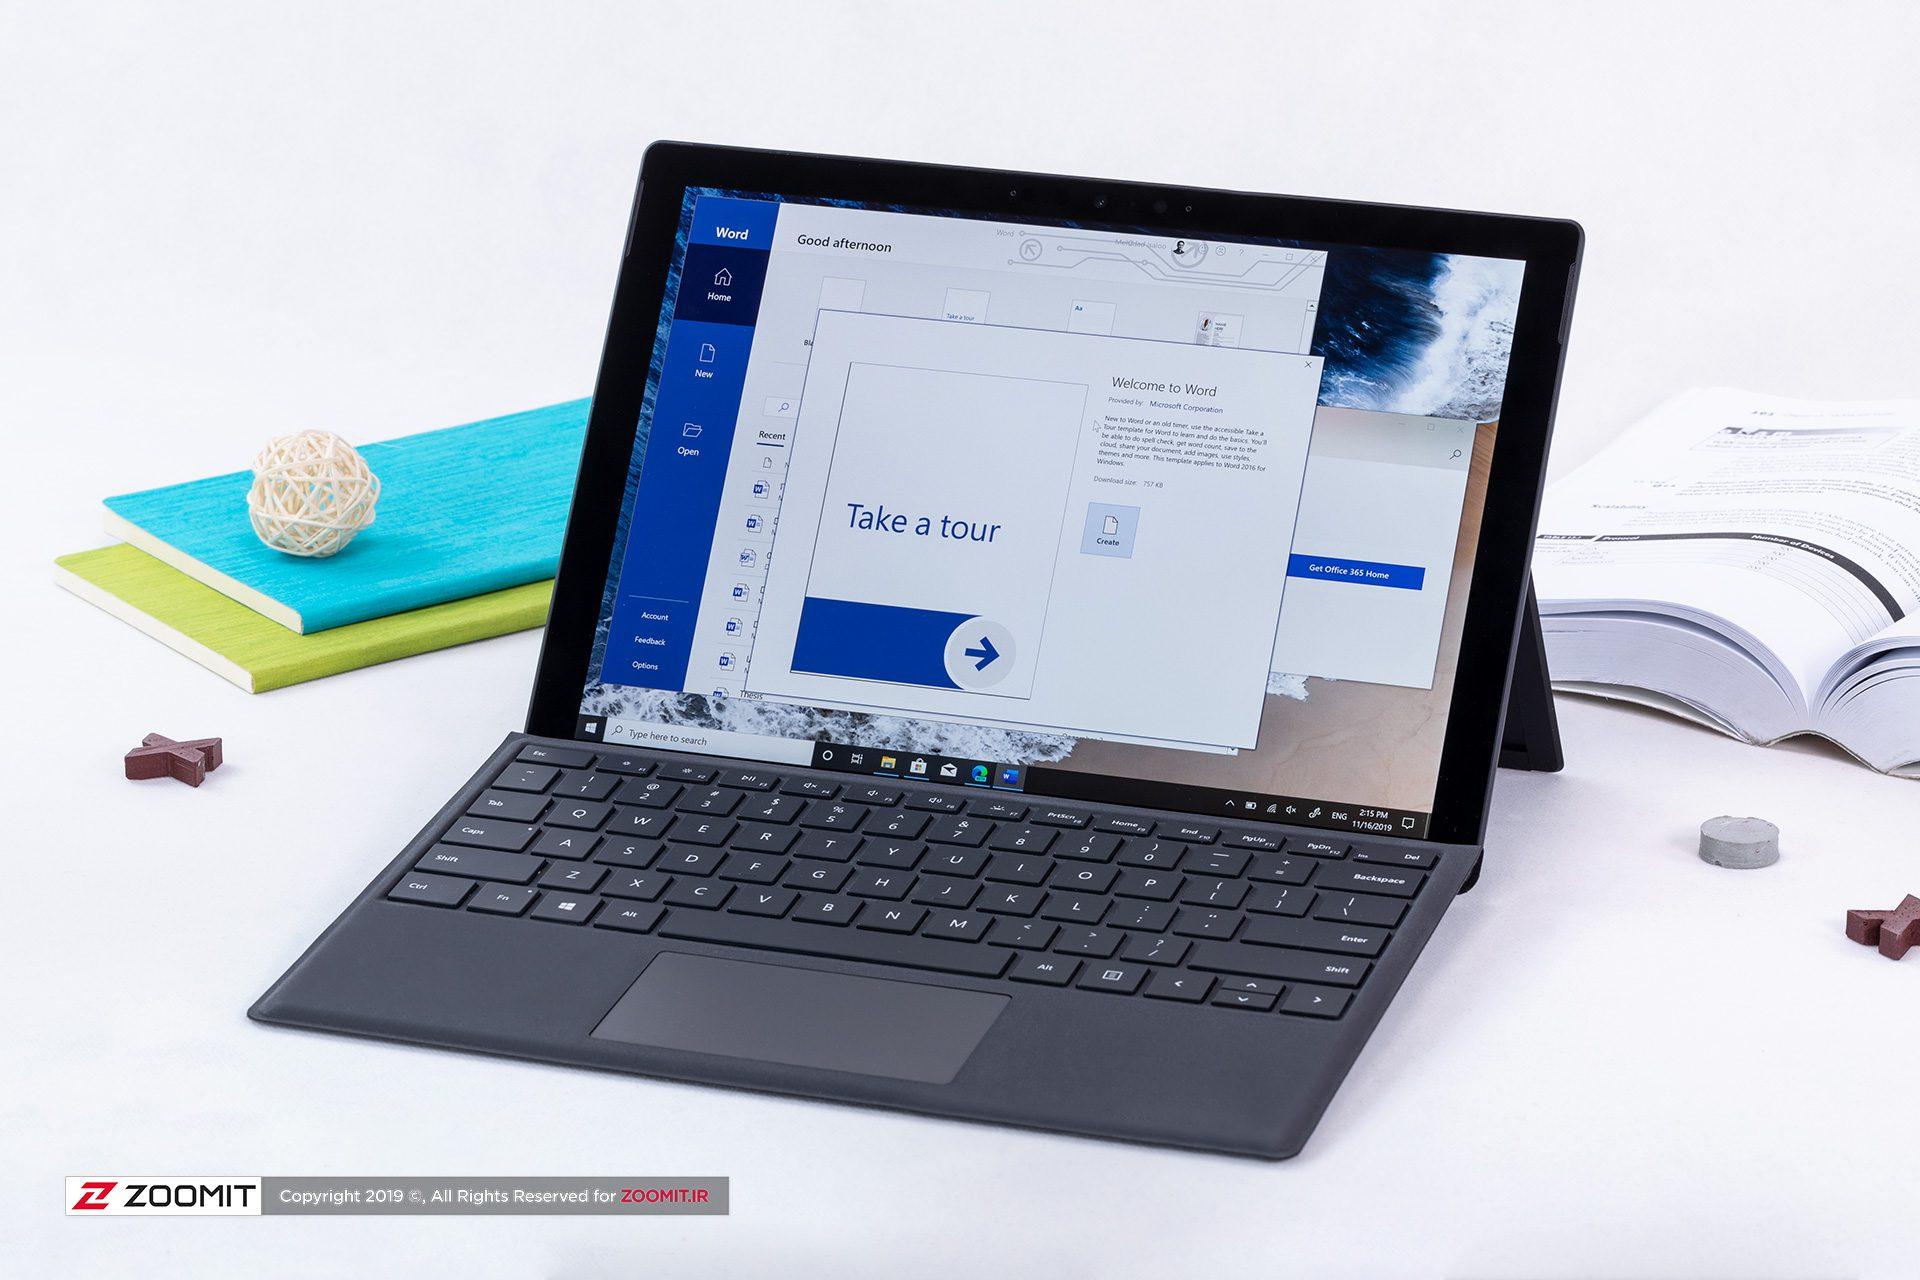 بررسی سرفیس پرو 7 مایکروسافت